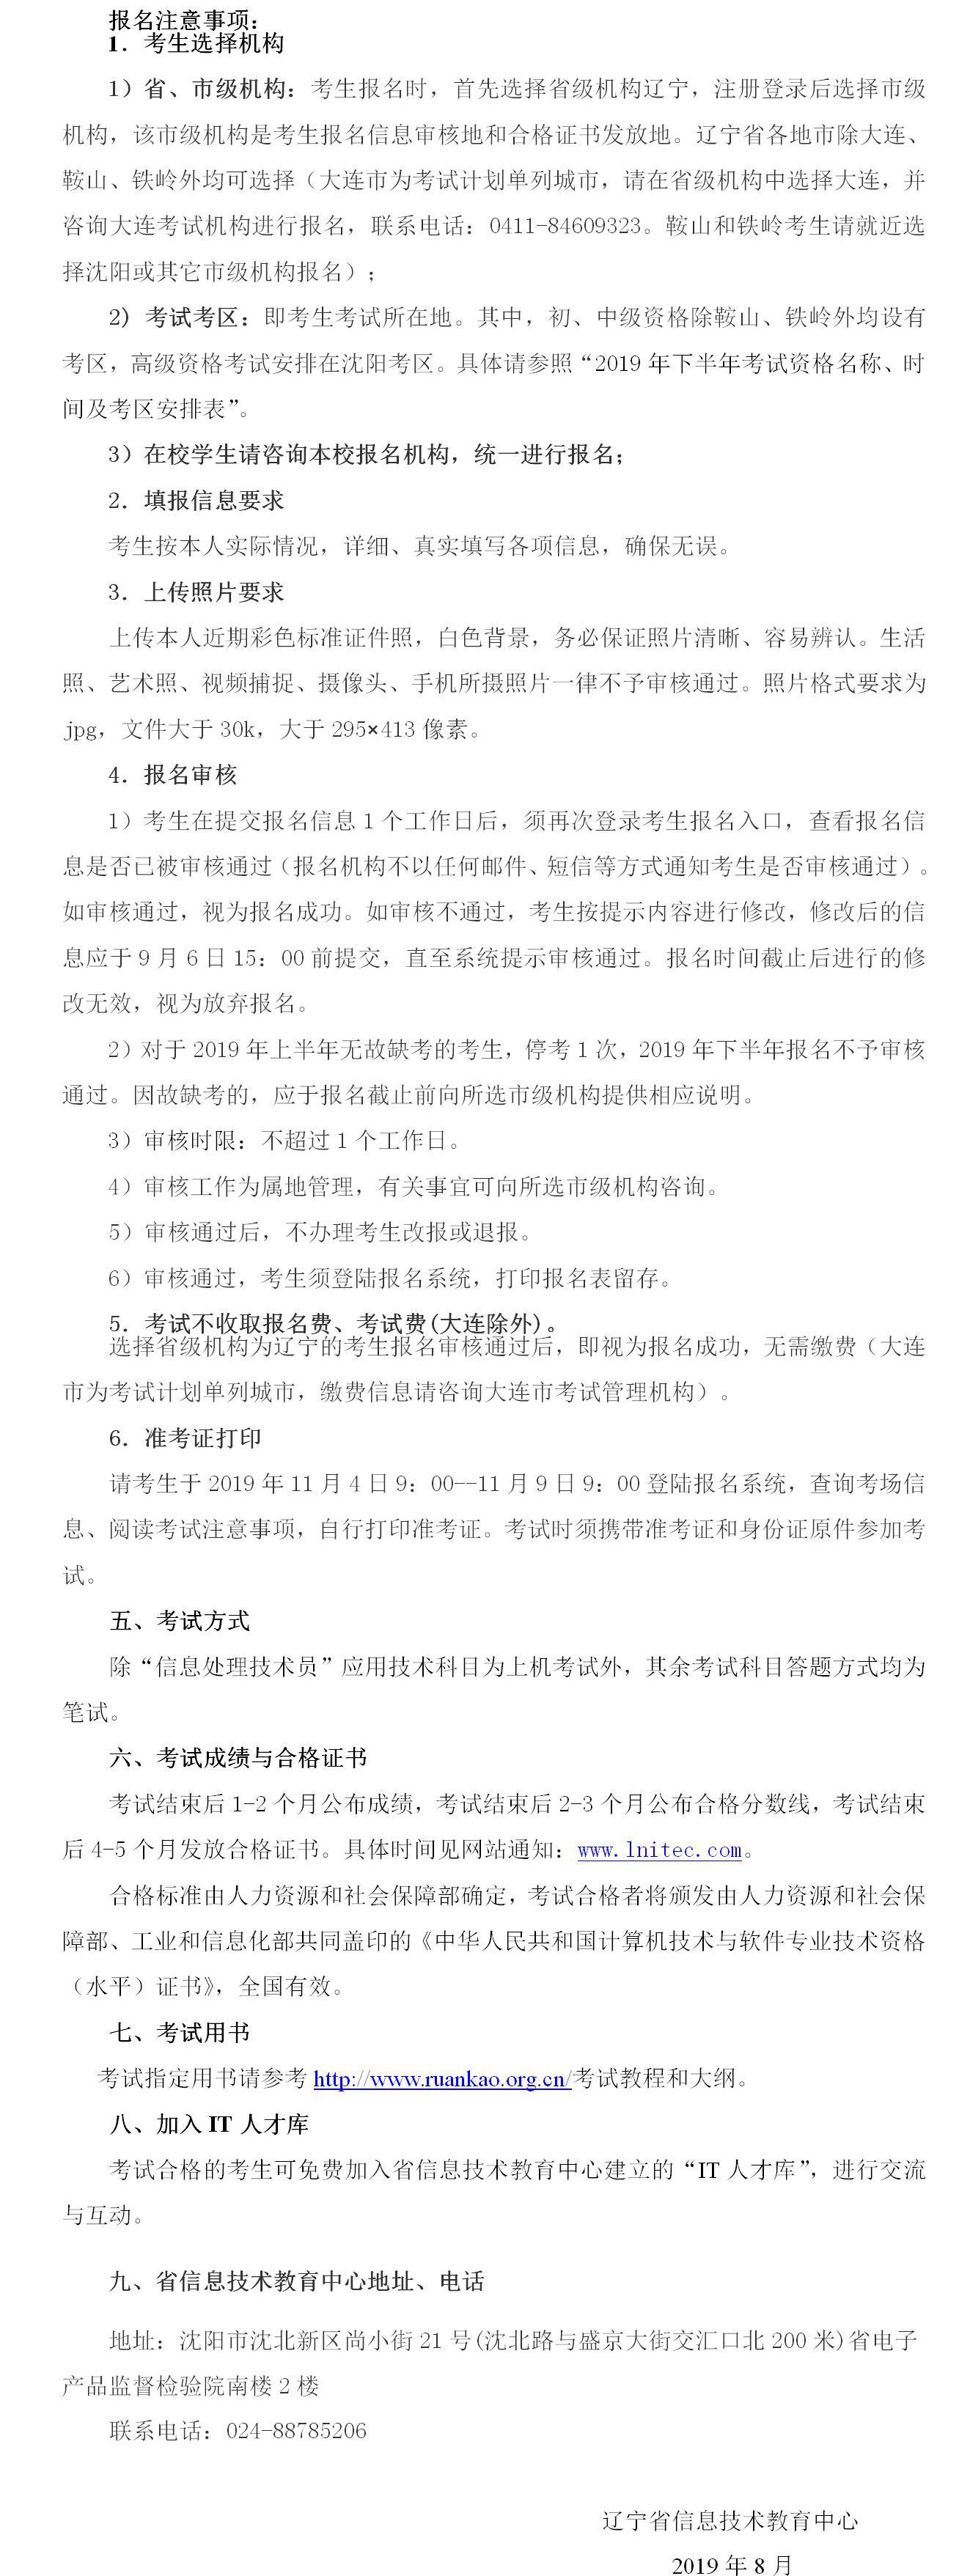 辽宁2019下半年计算机技术与软件水平考试报名通知